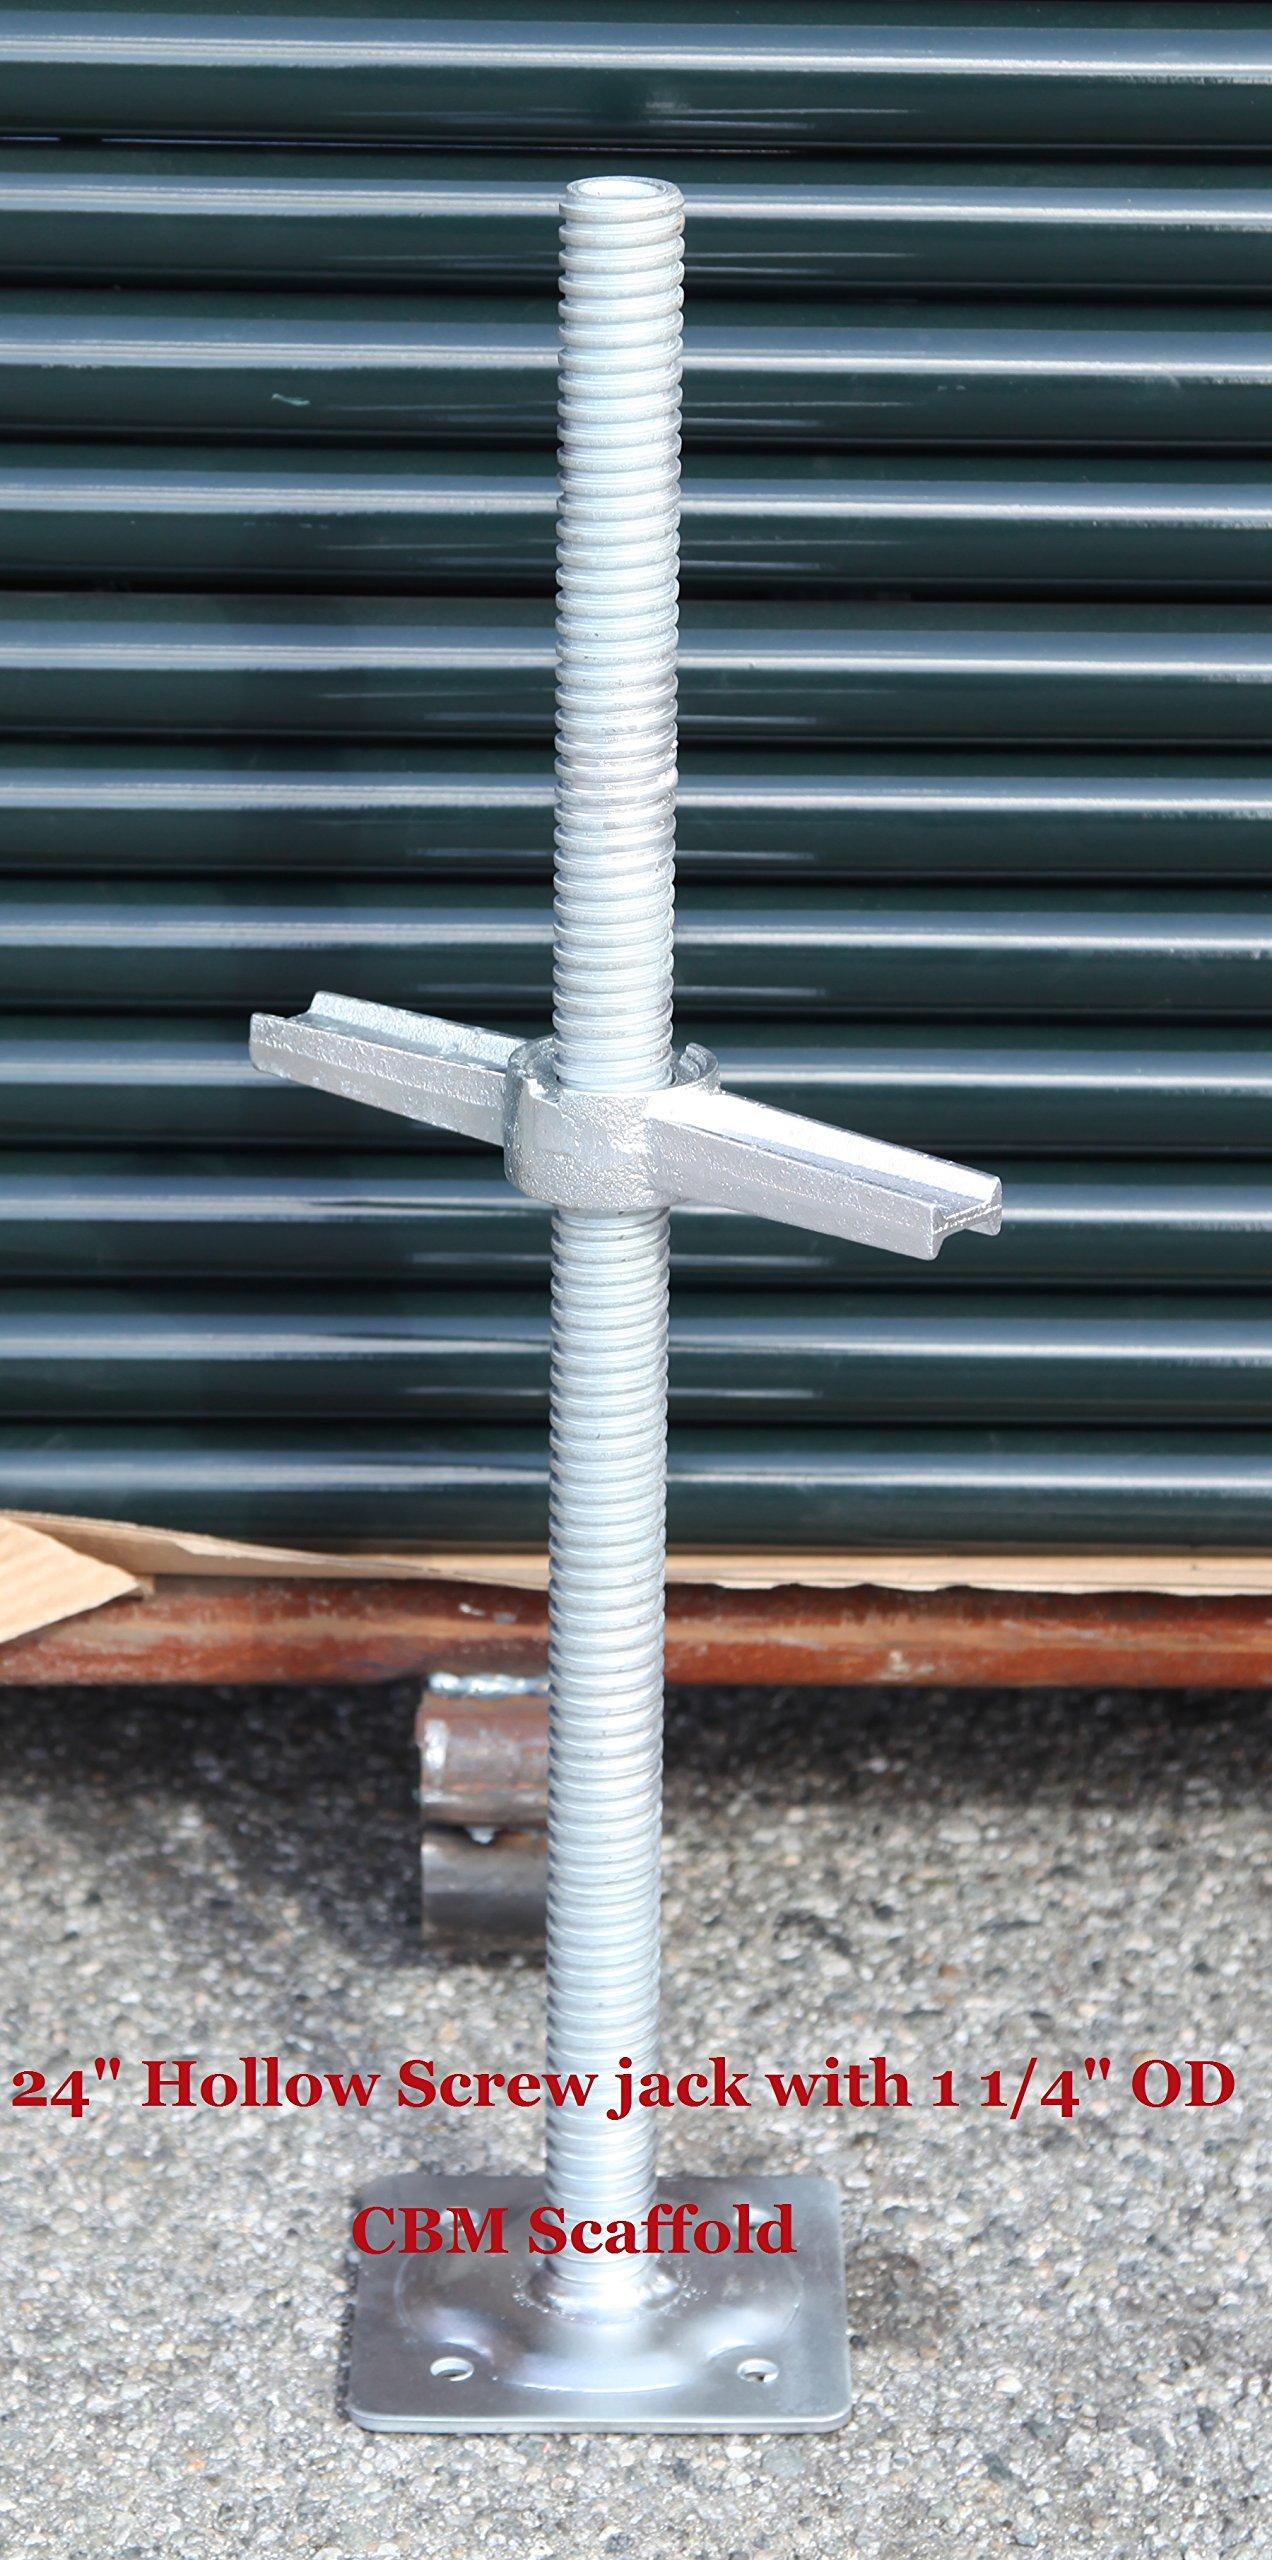 CBM Scaffold 24'' Adjustable Leveling screw Jack with 1 1/4'' OD Model# SJHL1 by Scaffold Base Plate